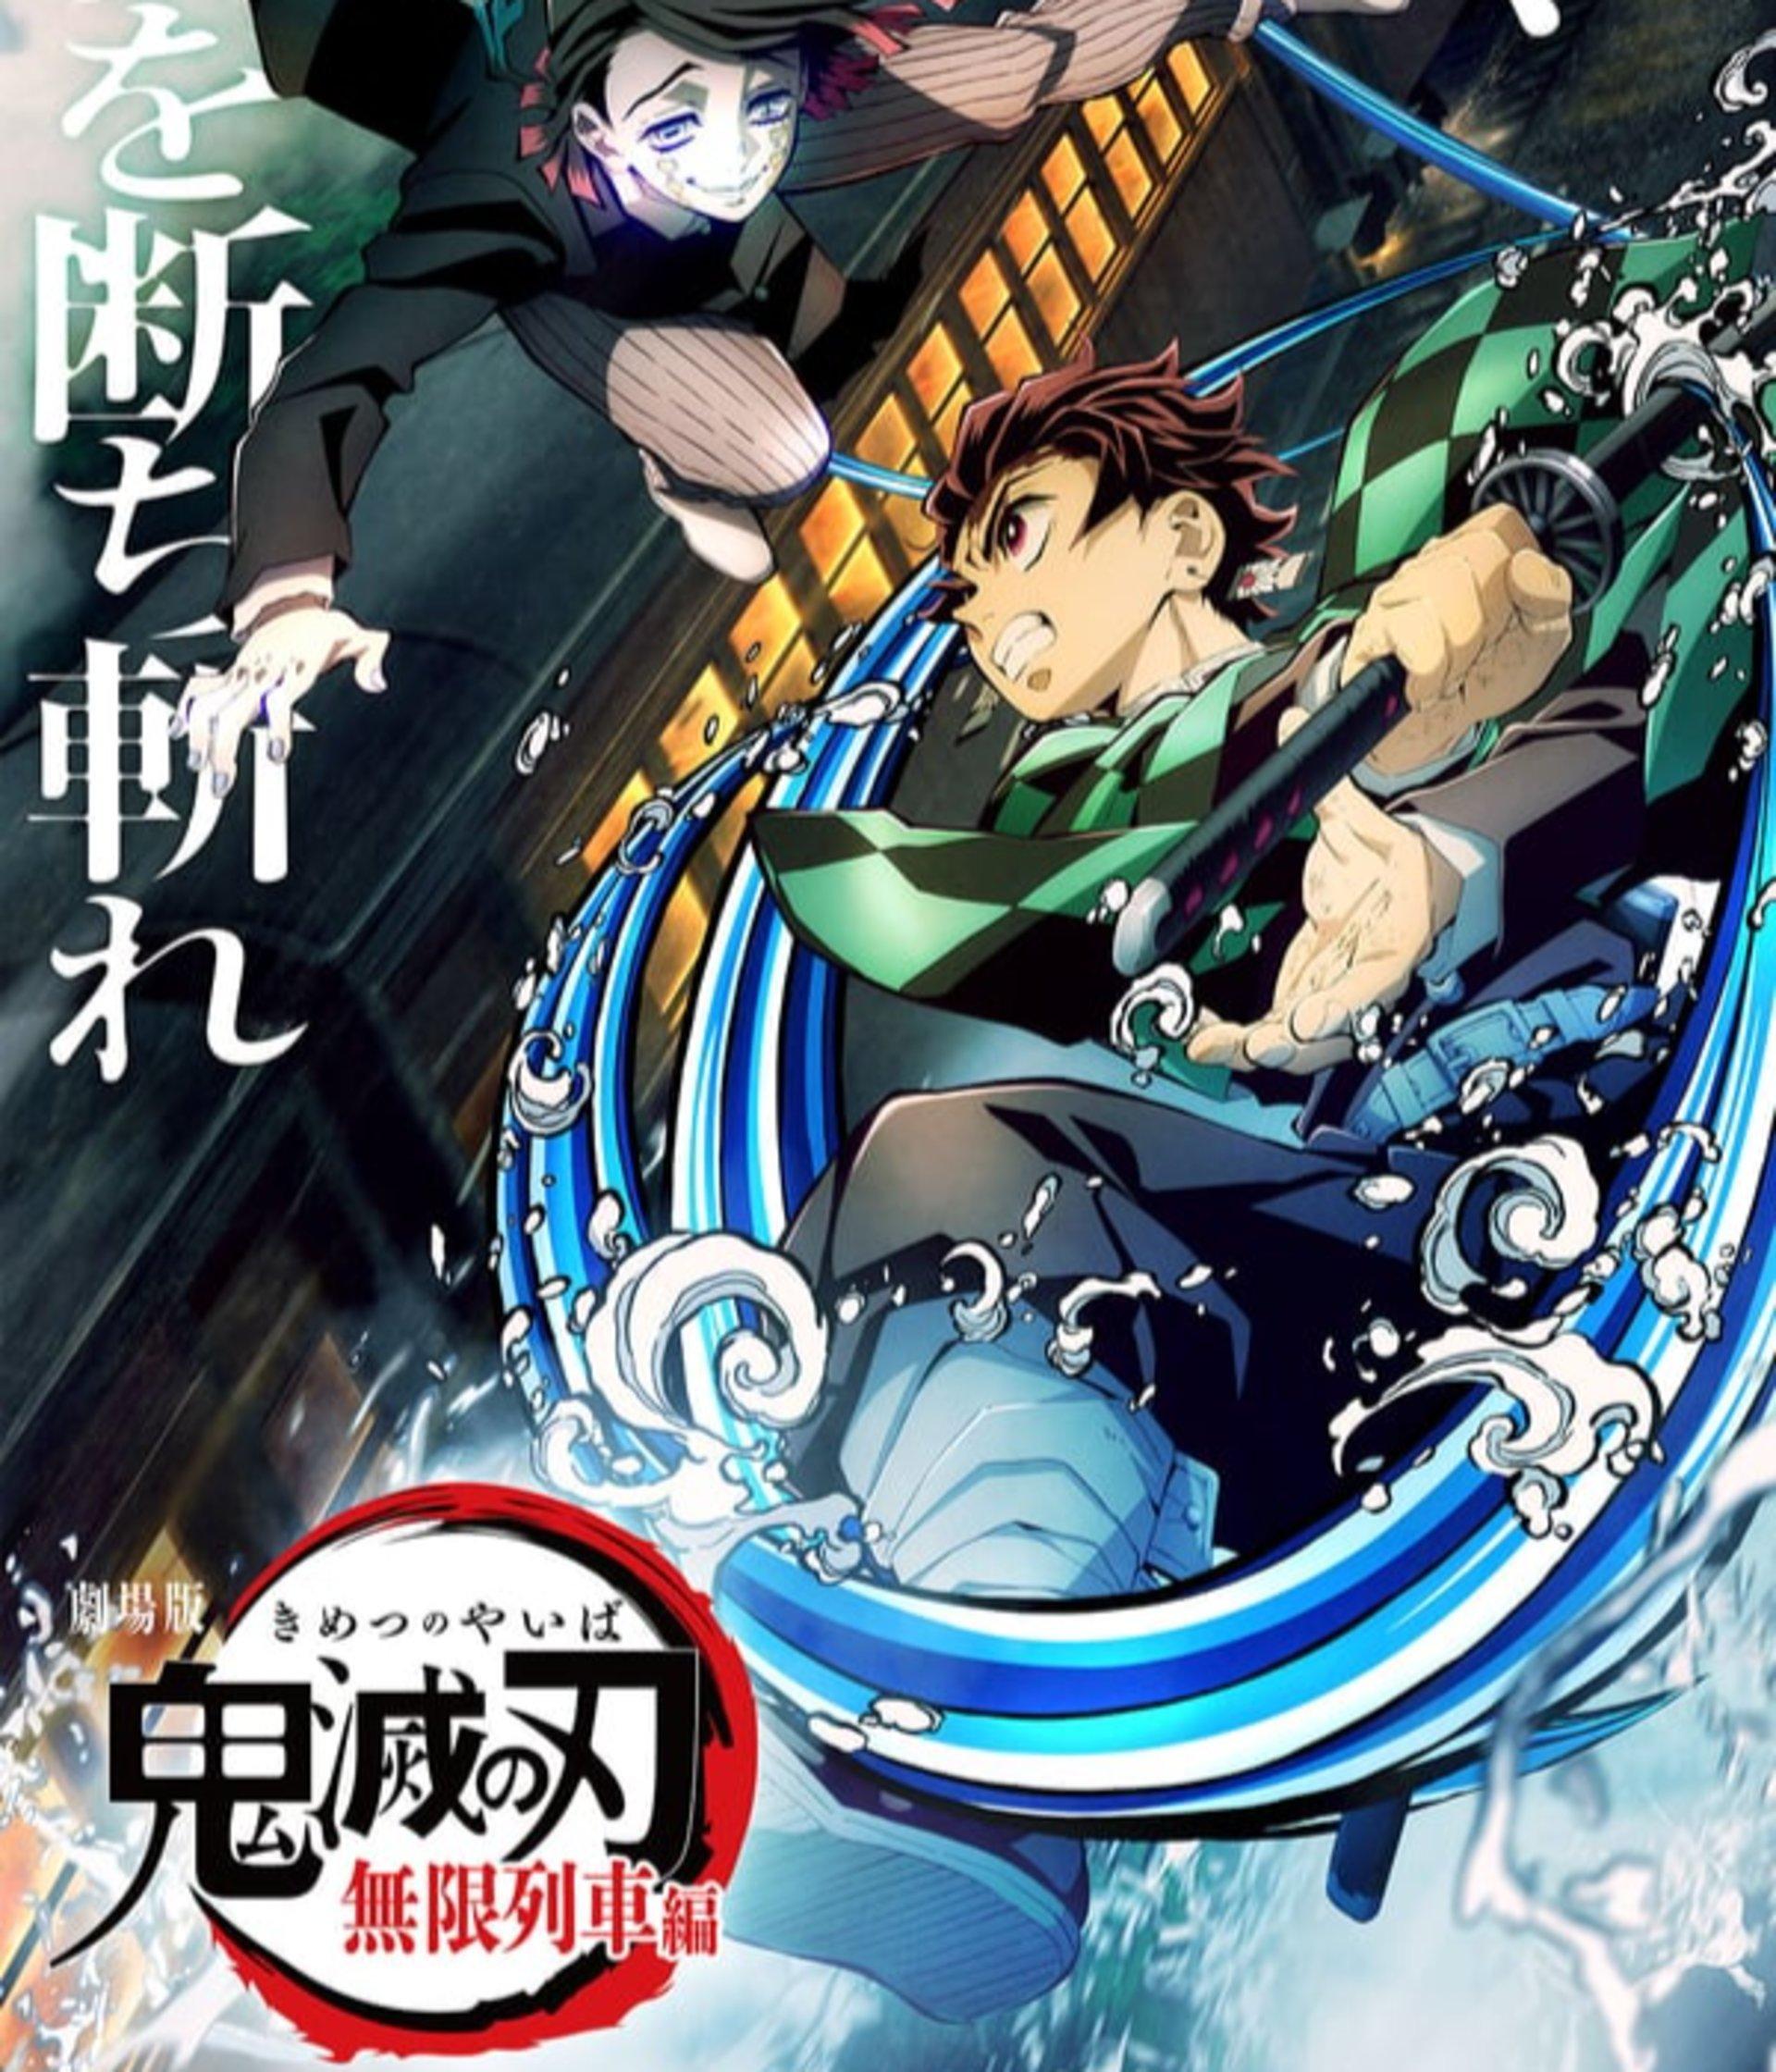 Download Film Kimetsu No Yaiba Mugen Train (2020) 720p 480p Mkv | INDOXXI